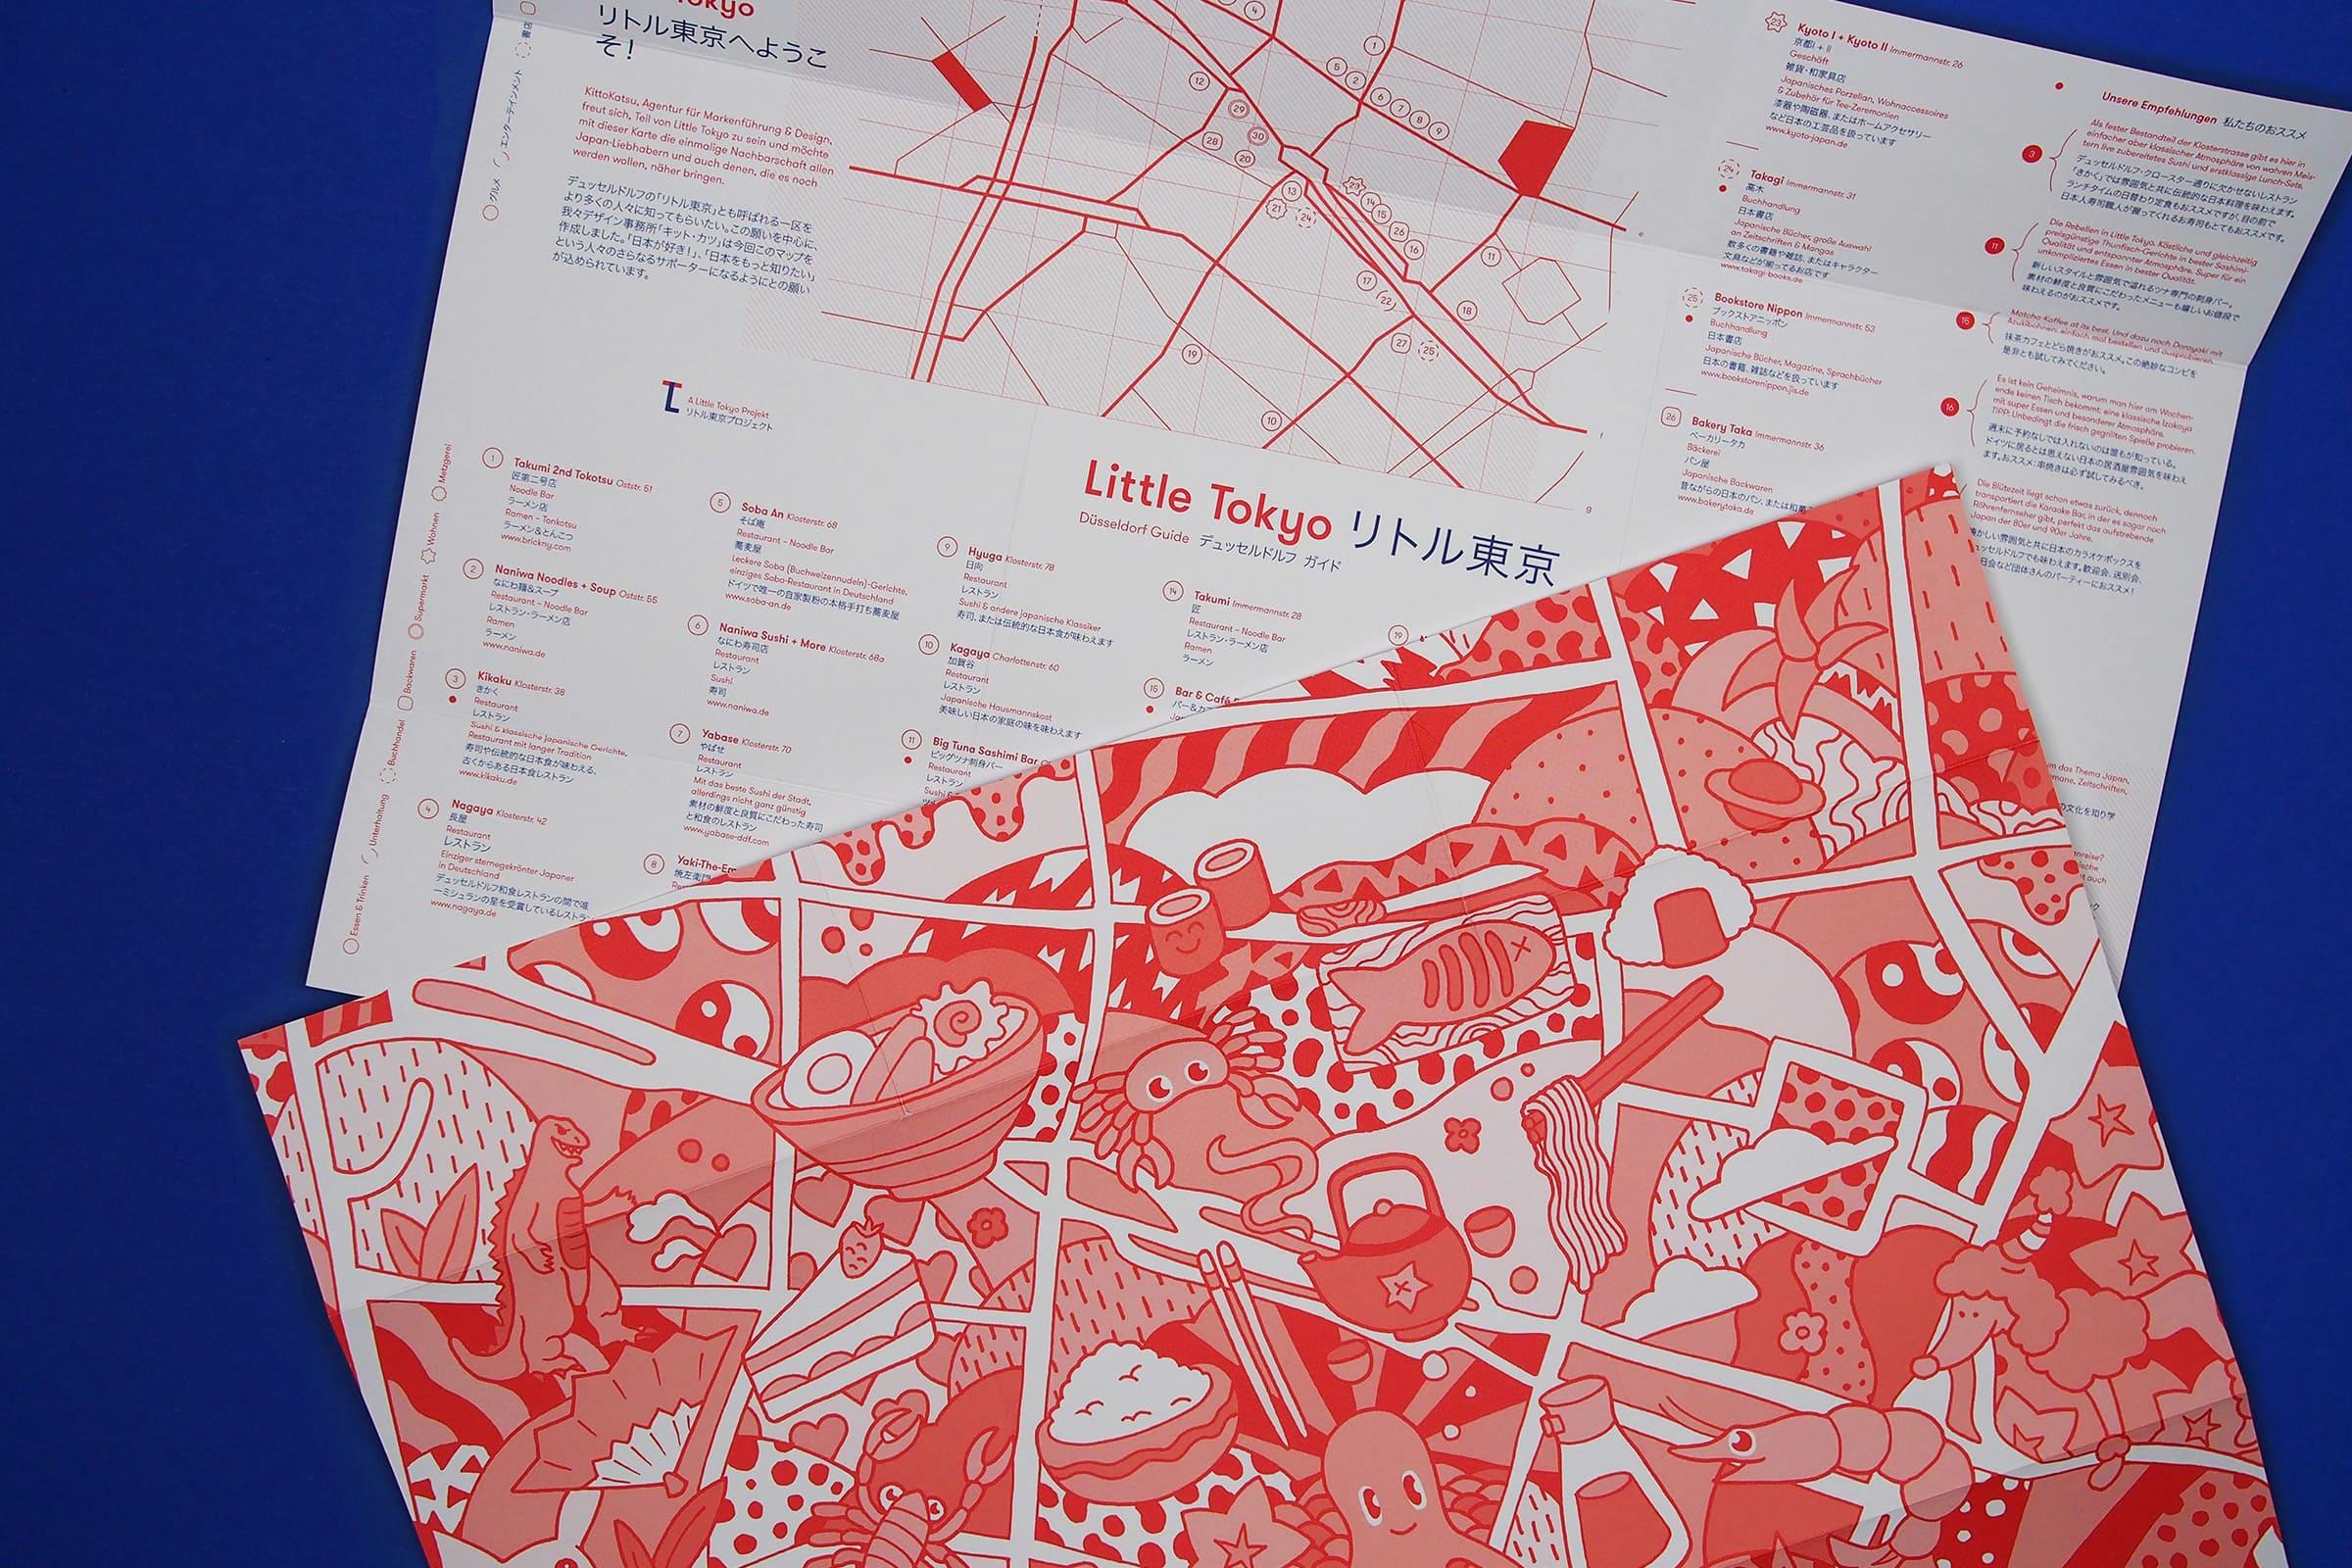 KittoKatsu, Little Tokyo Map, JapanTown, Düsseldorf